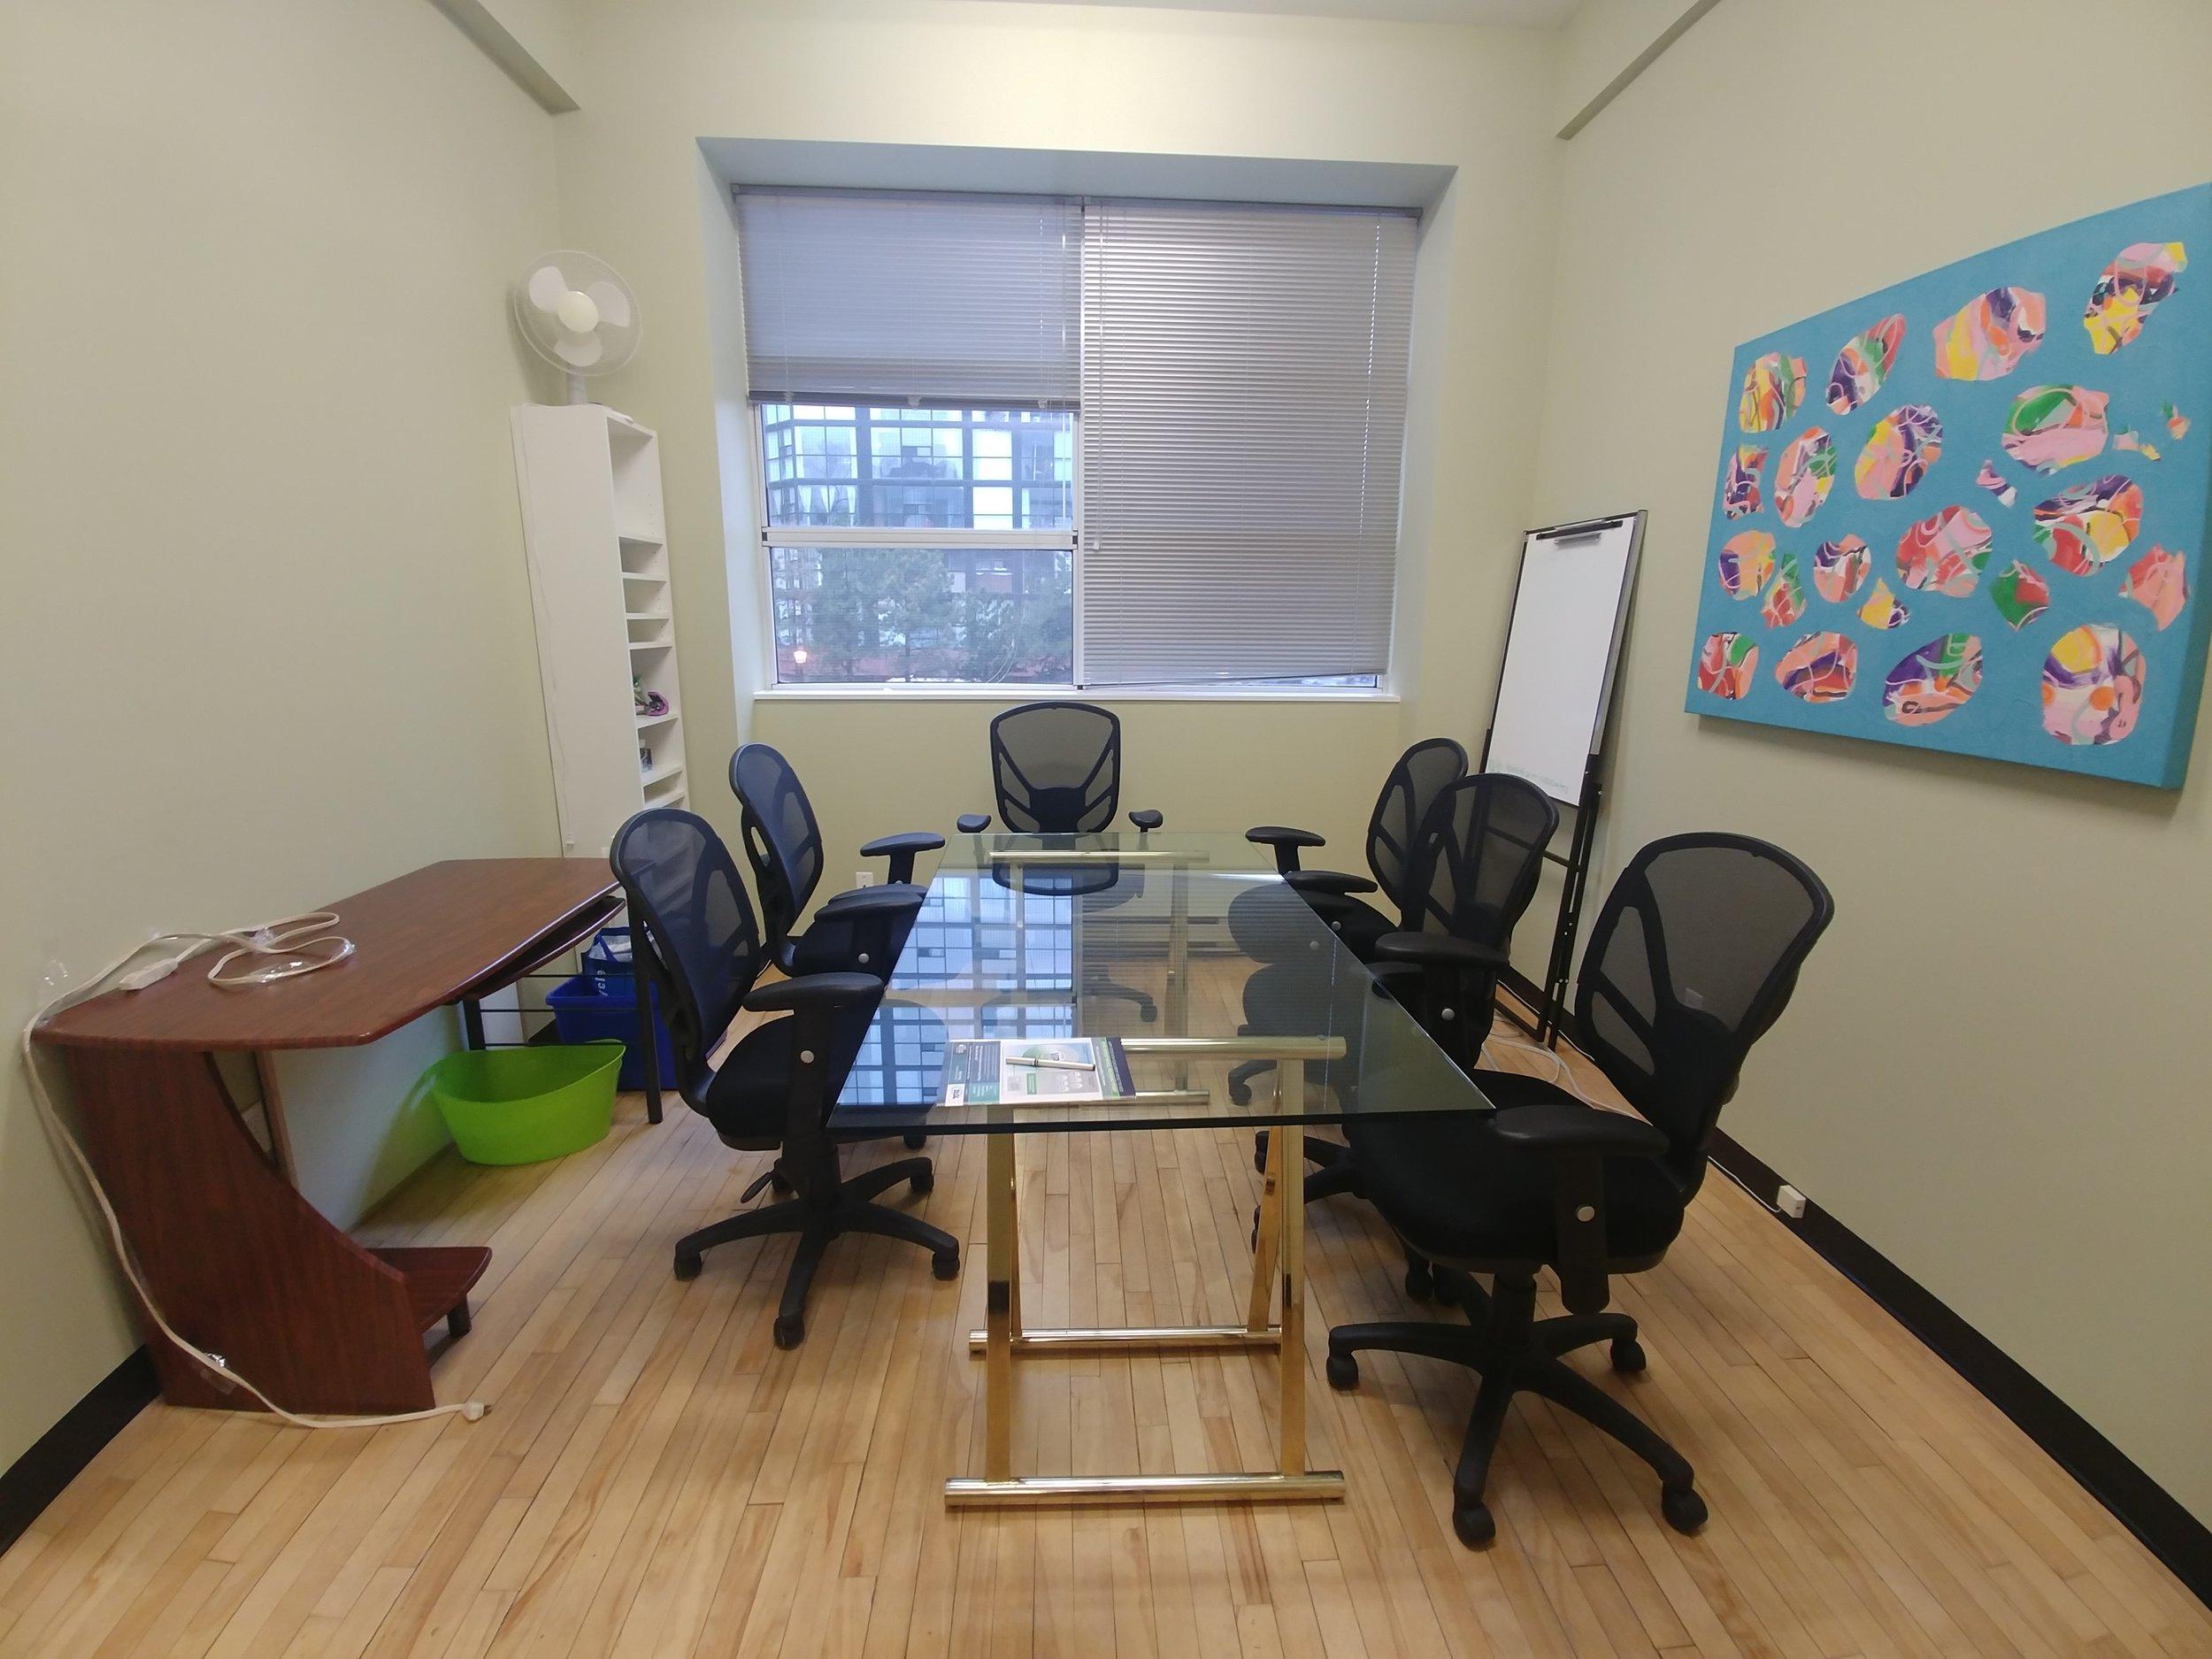 8-person capacity boardroom. west-facing window.